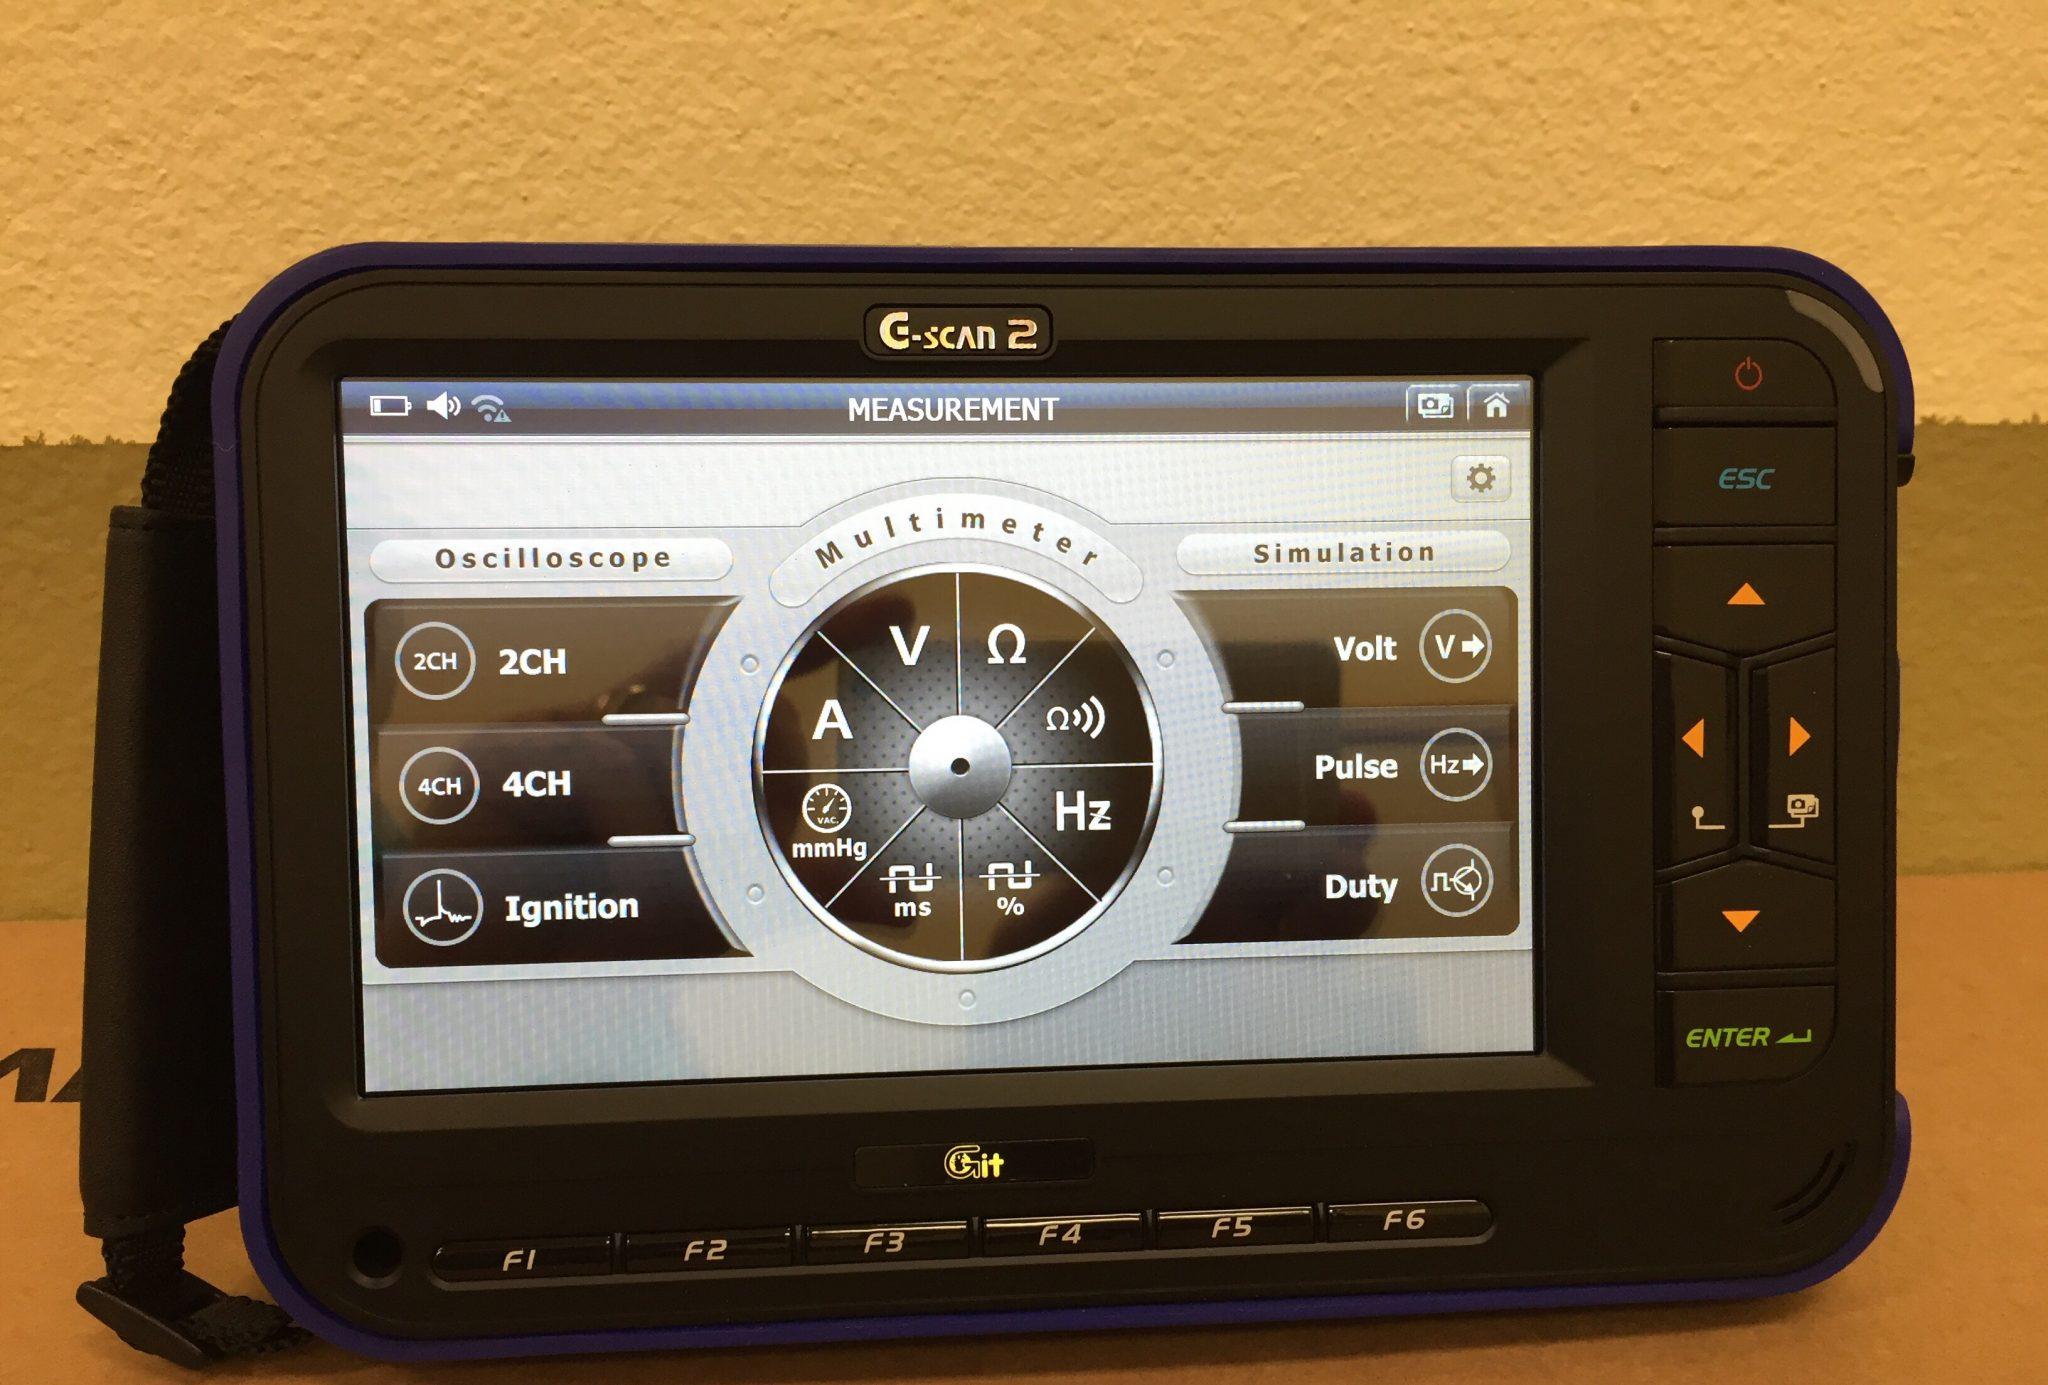 دیاگ جی اسکن - G-Scan Diag دستگاه دیاگ دستگاه دیاگ چیست ؟ img 3425